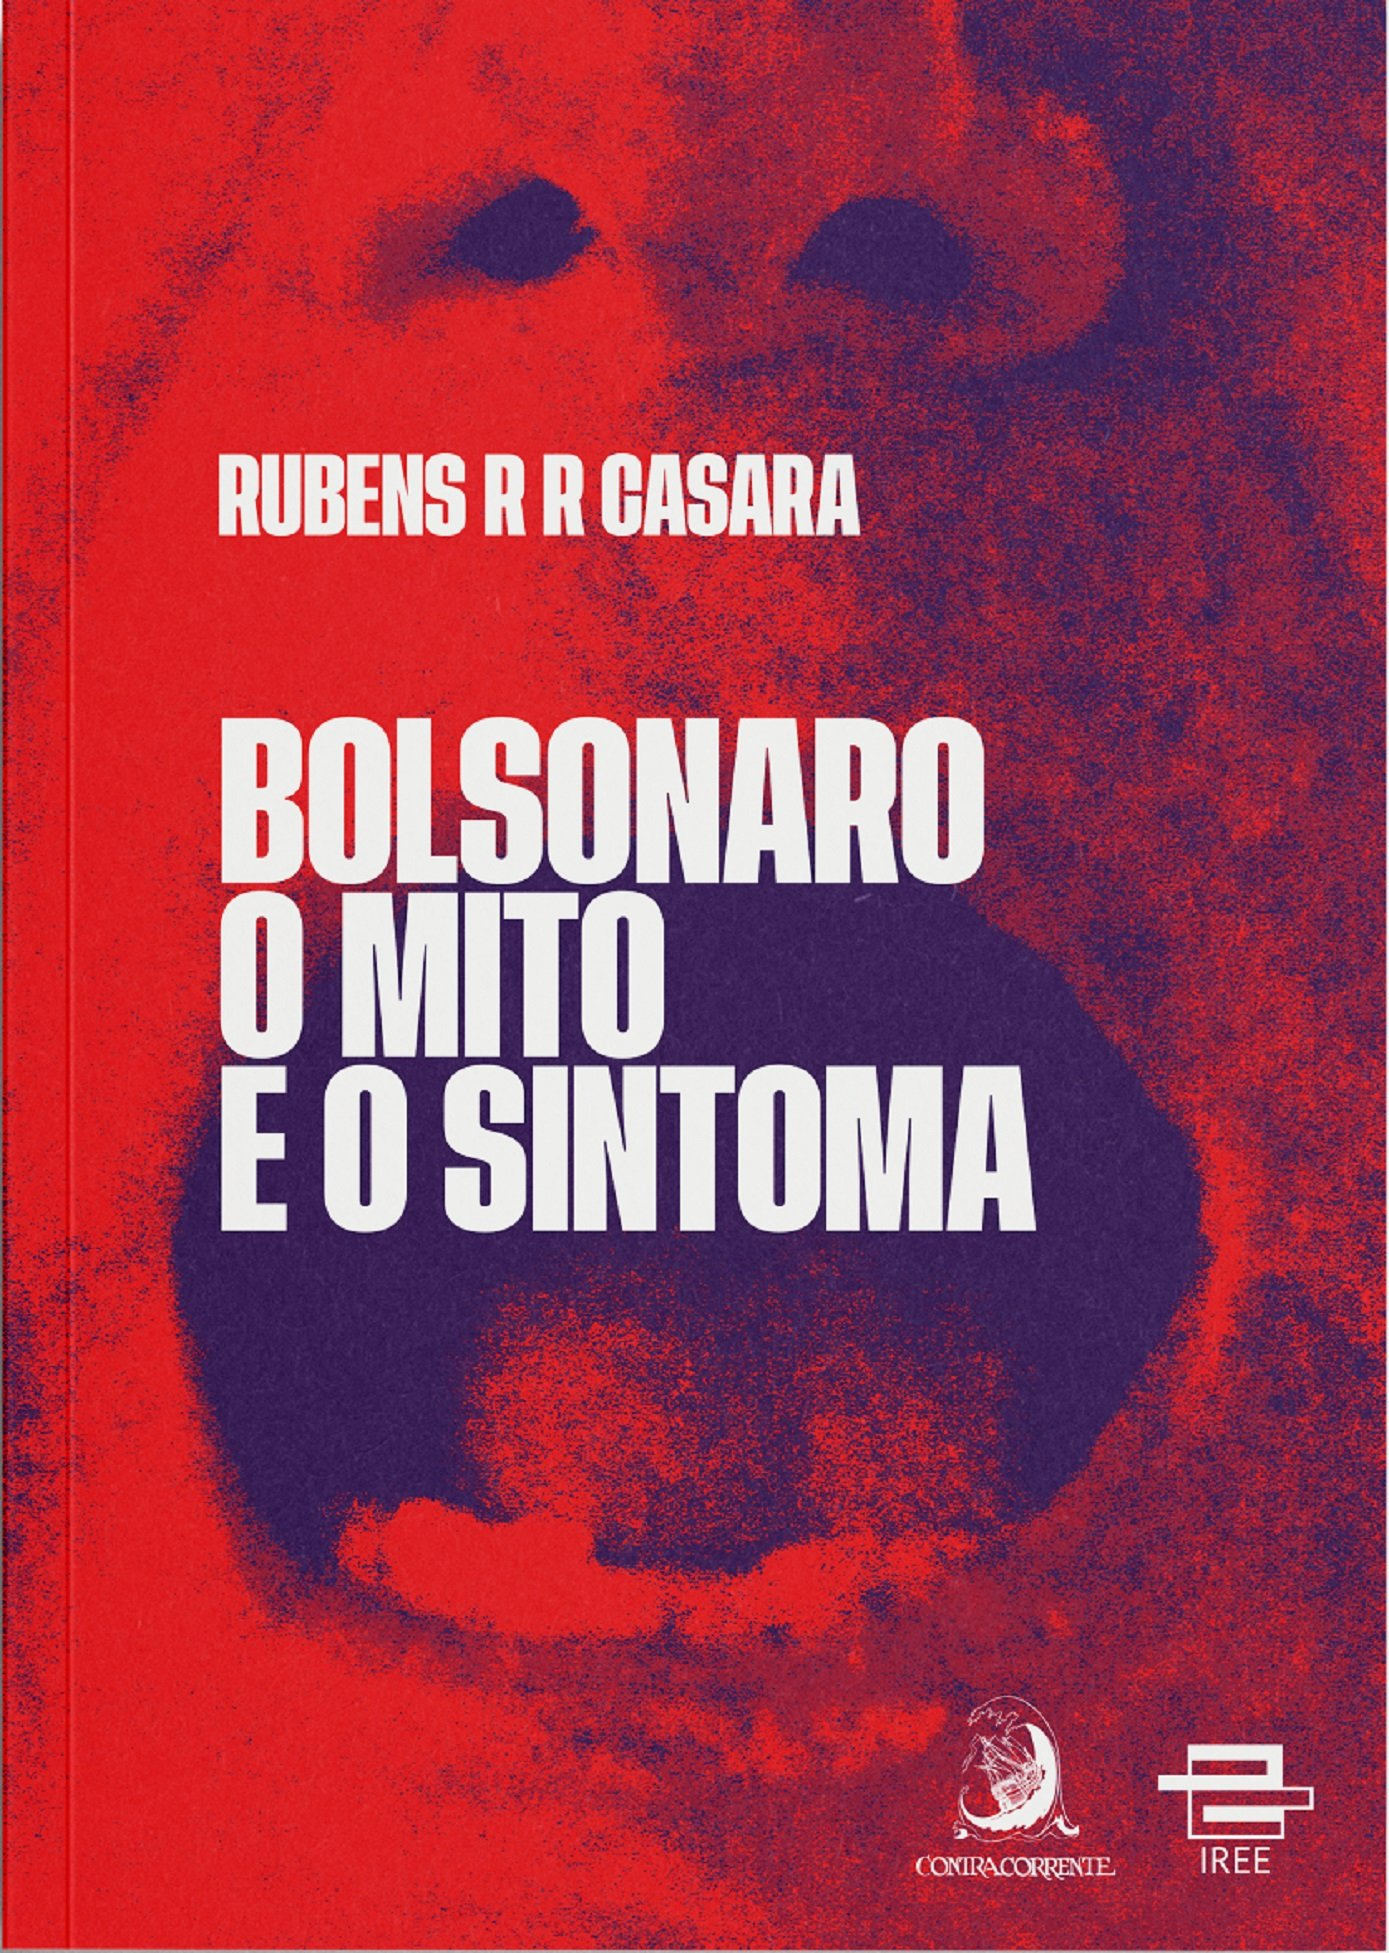 Bolsonaro - O mito e o sintoma, livro de Rubens Casara